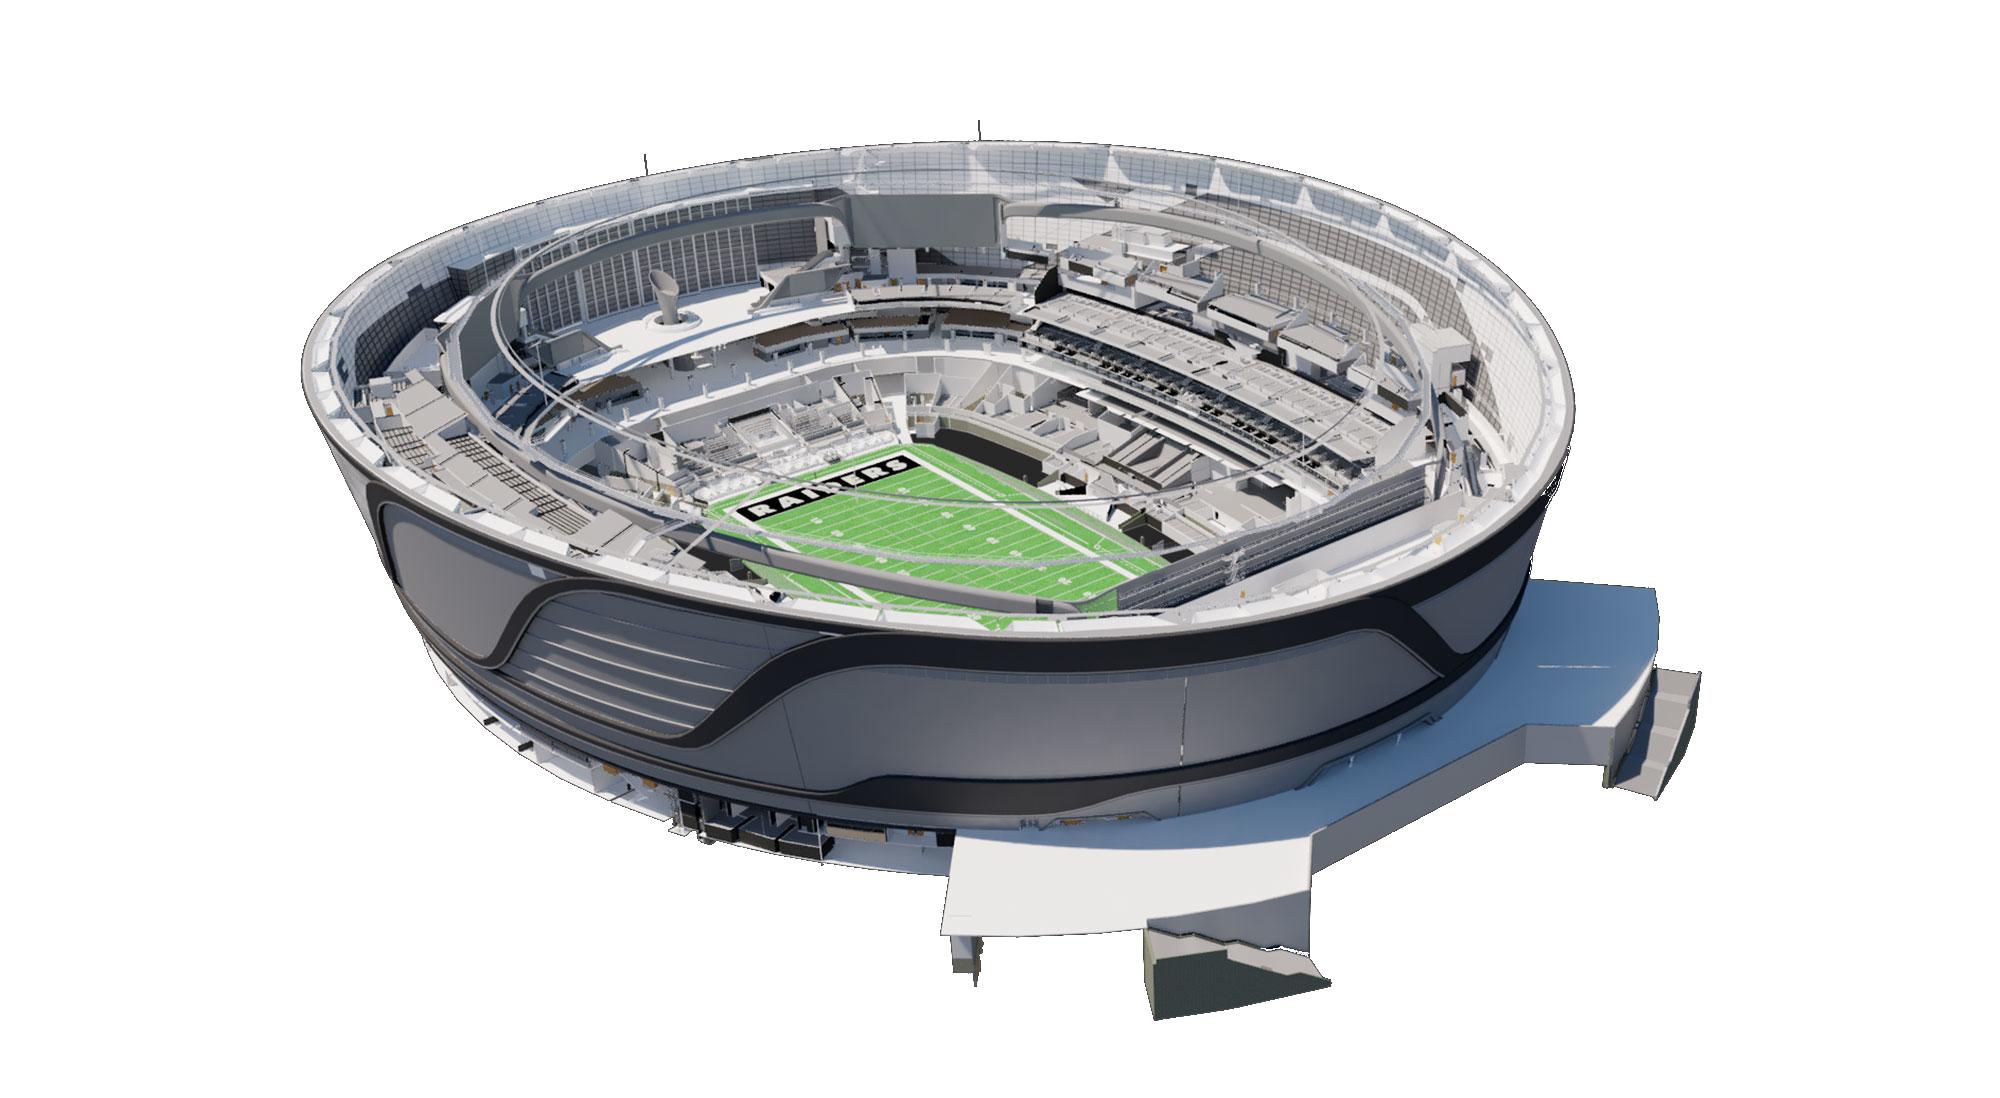 stadium_overall